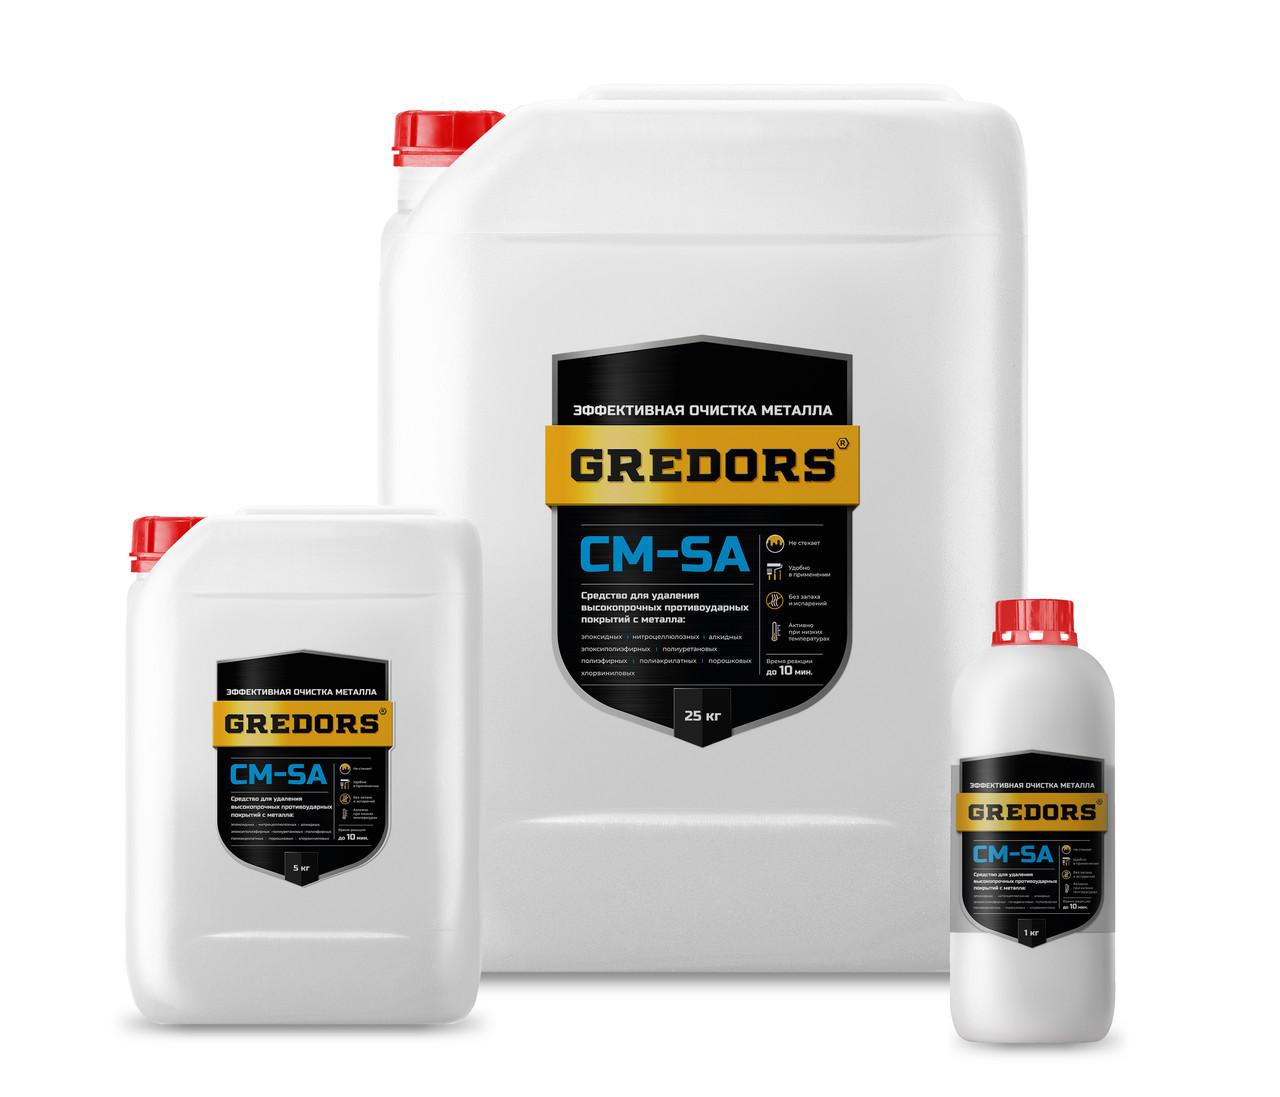 GREDORS CM–SA – средство для удаления противоударных покрытий с металла